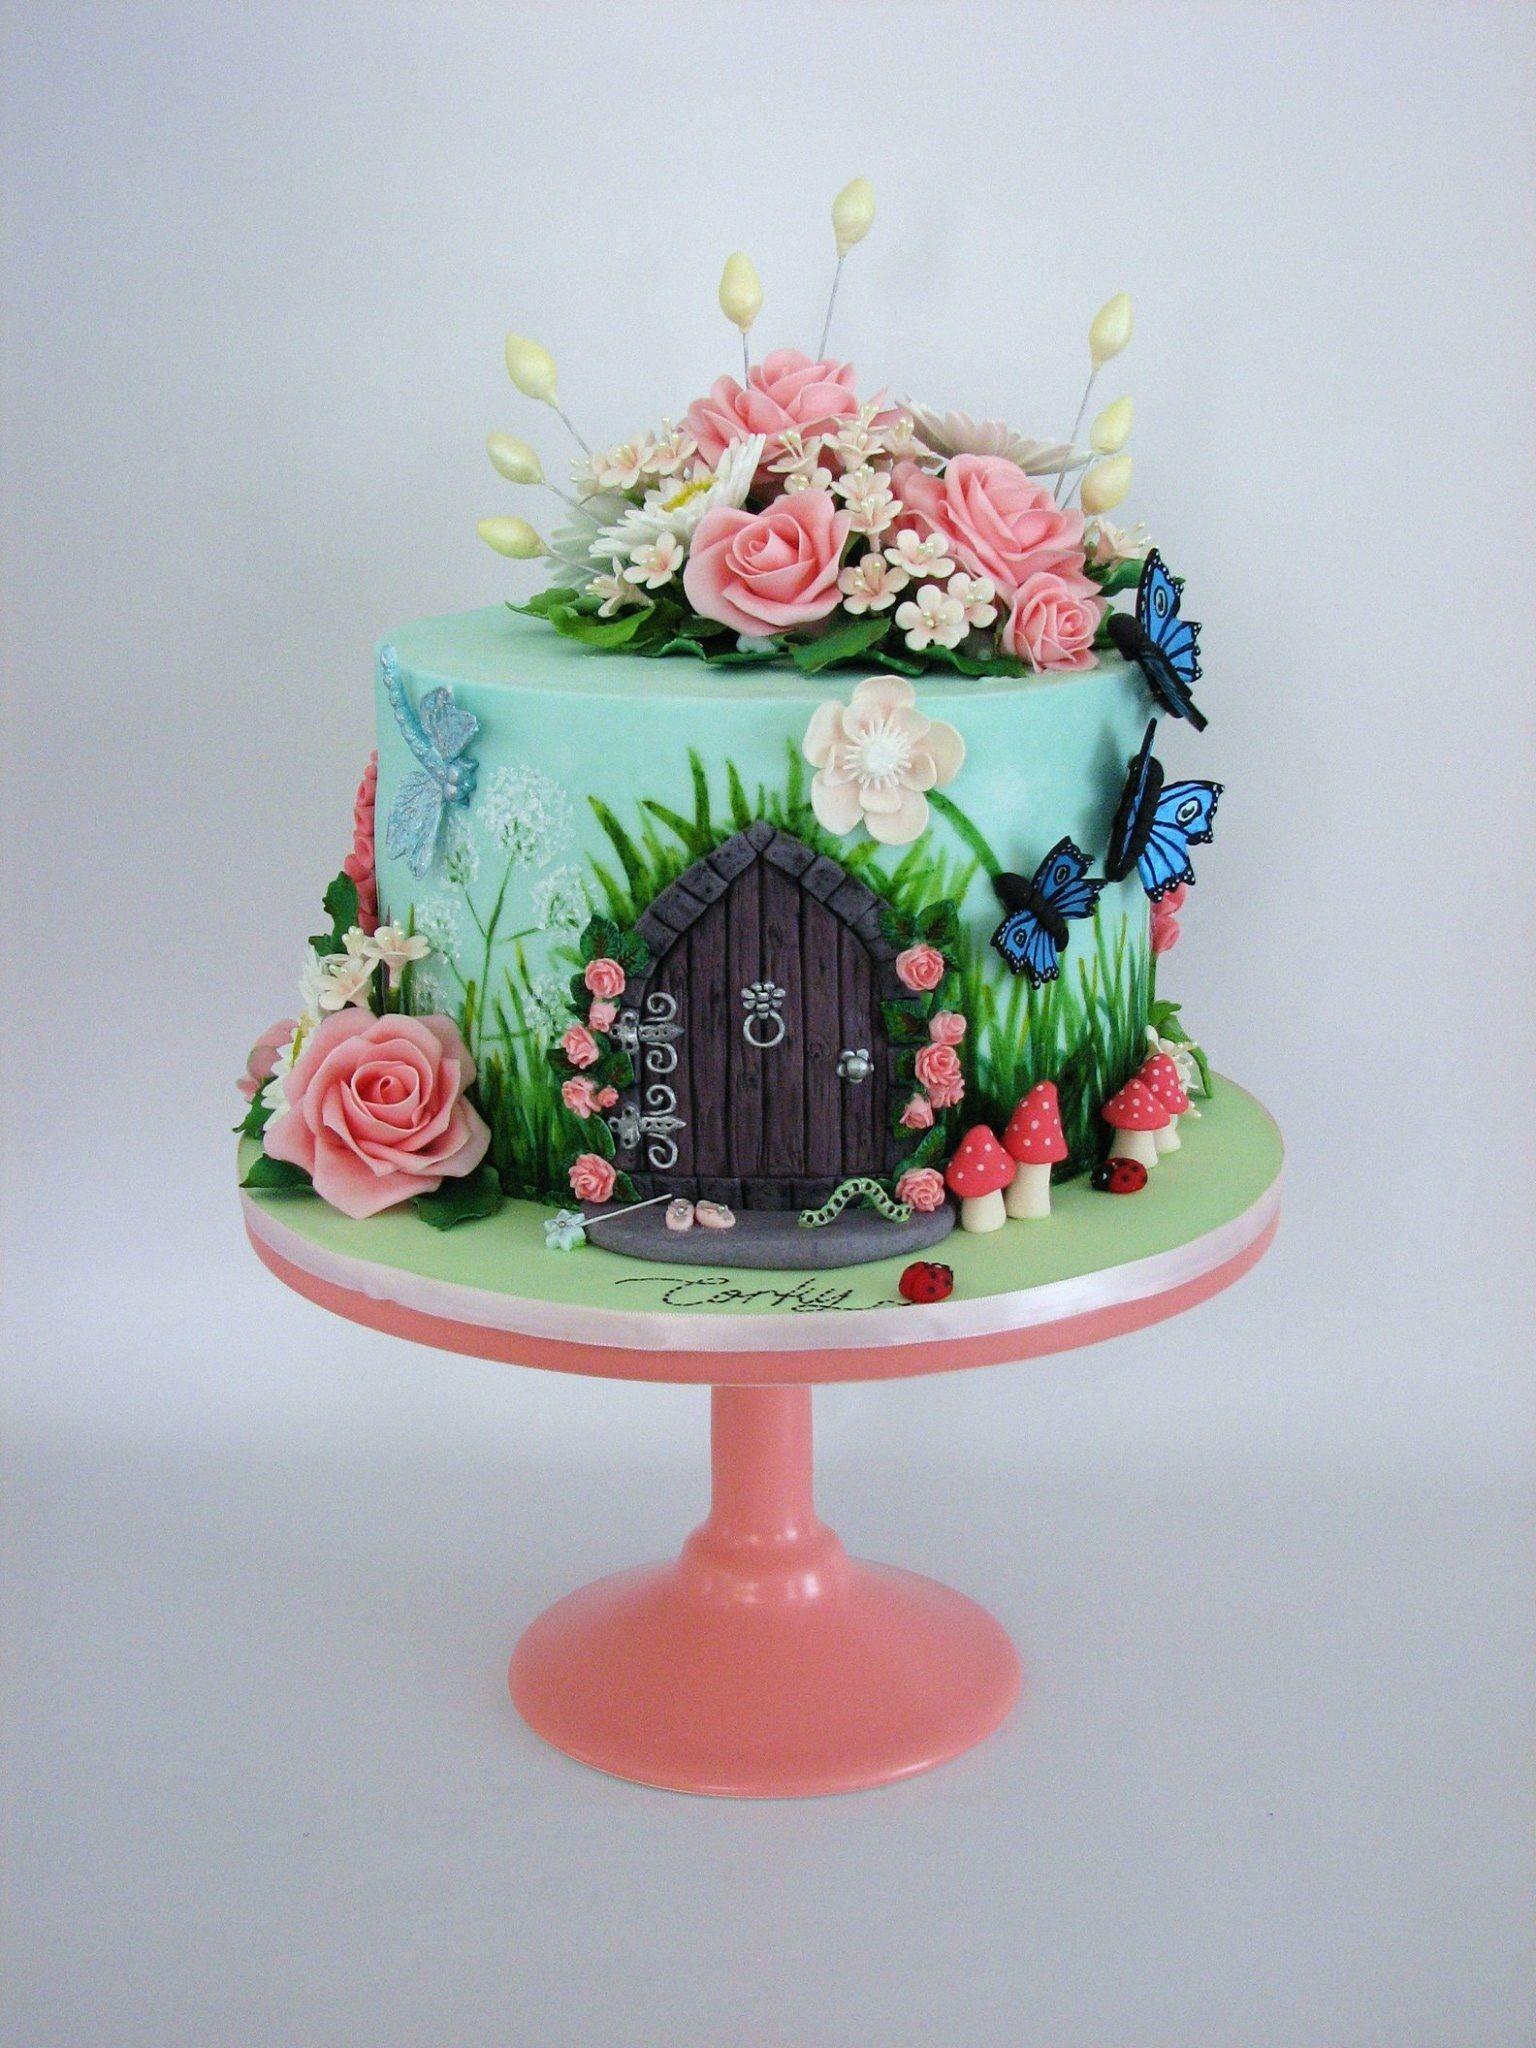 Flower cake | Fairy birthday cake, Fairy house cake, Fairy ...